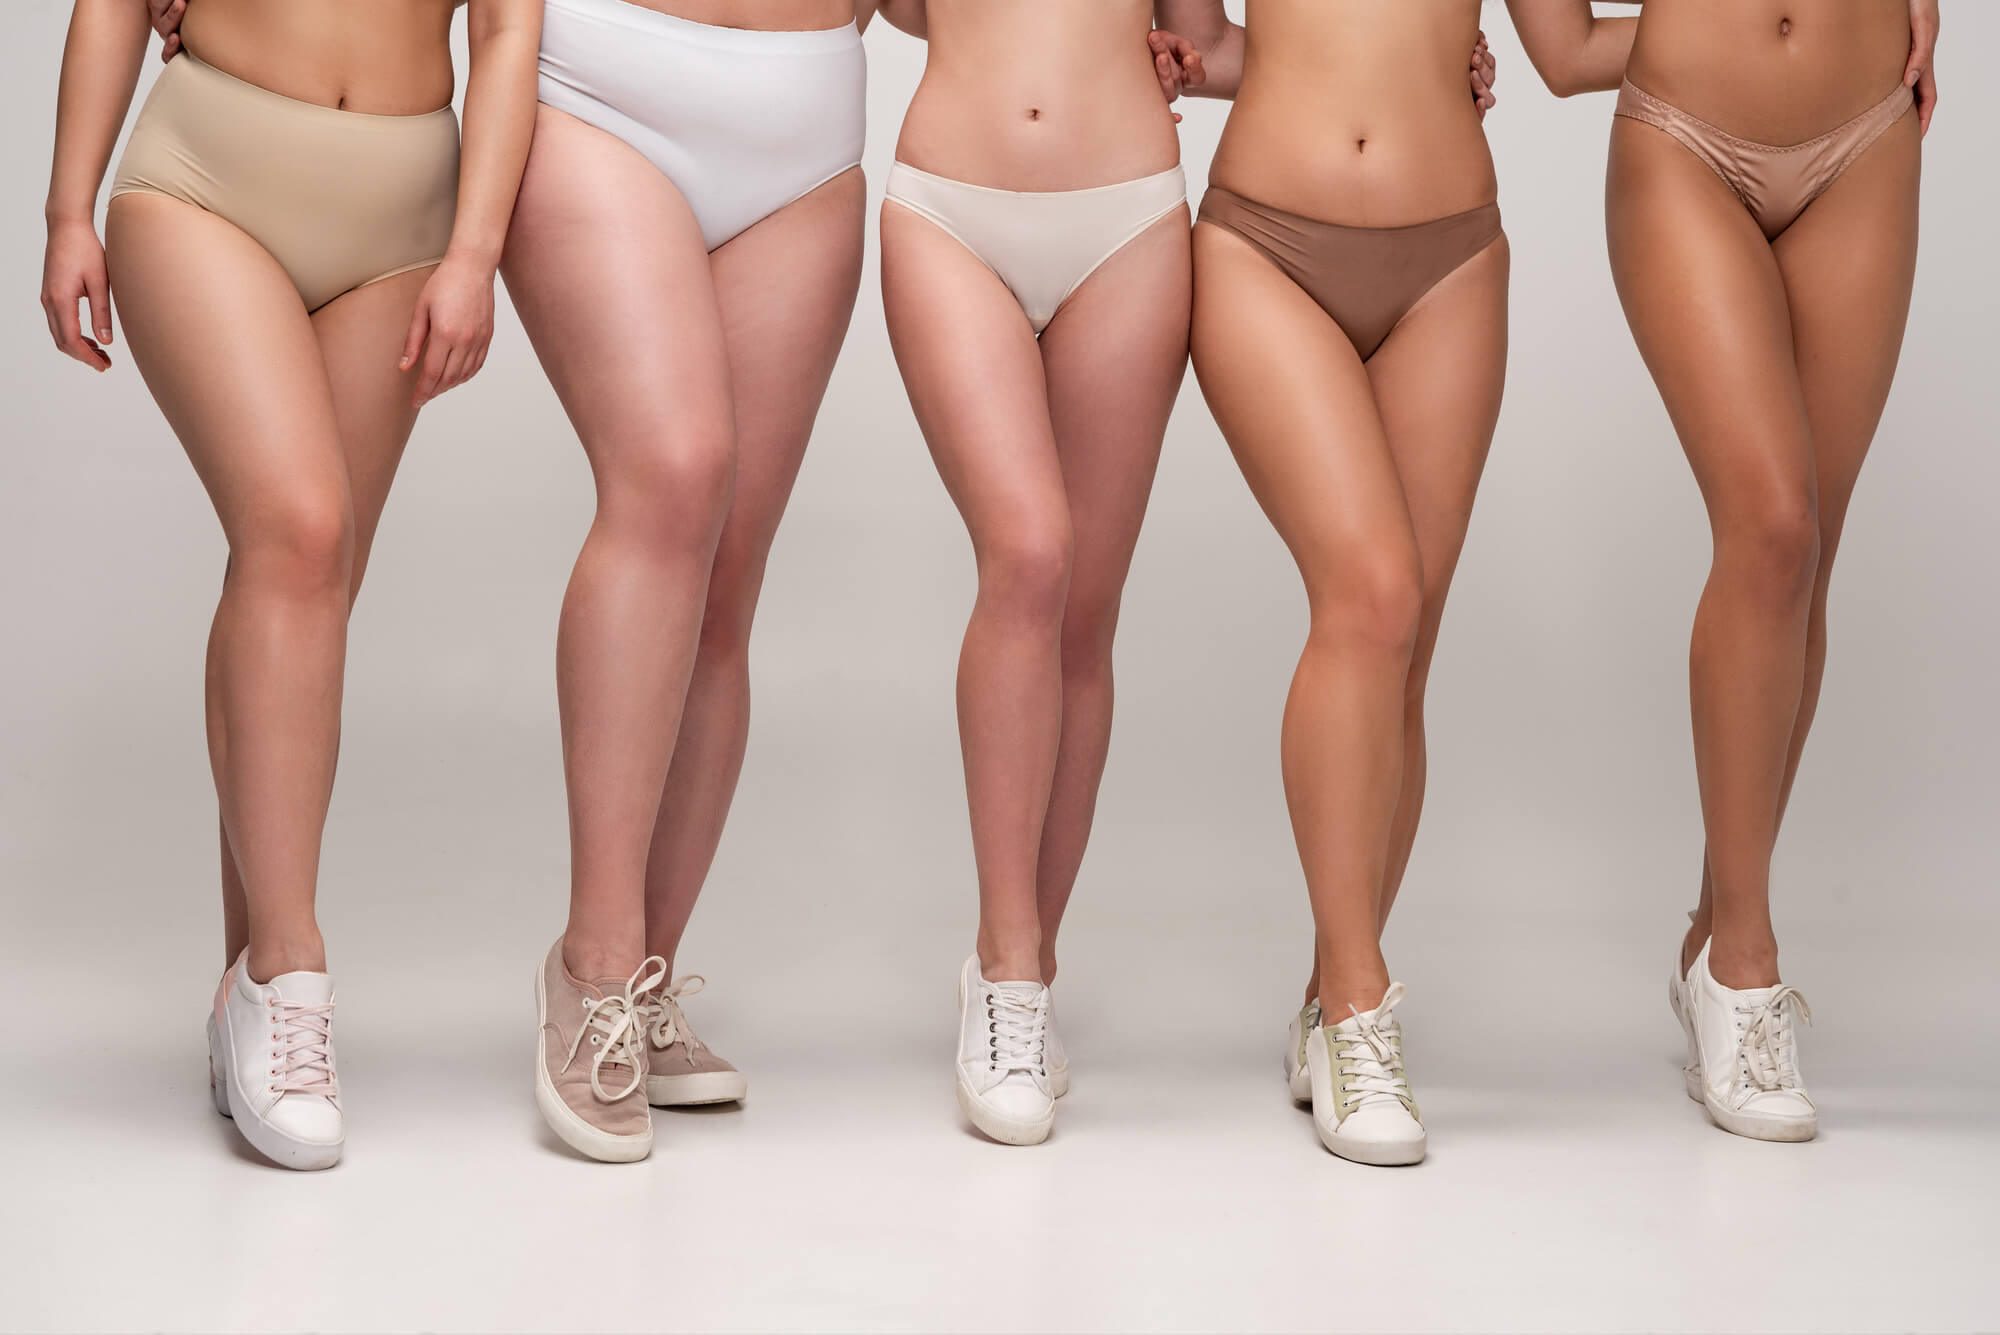 molett-teltkarcsú hölgyek fehérneműben